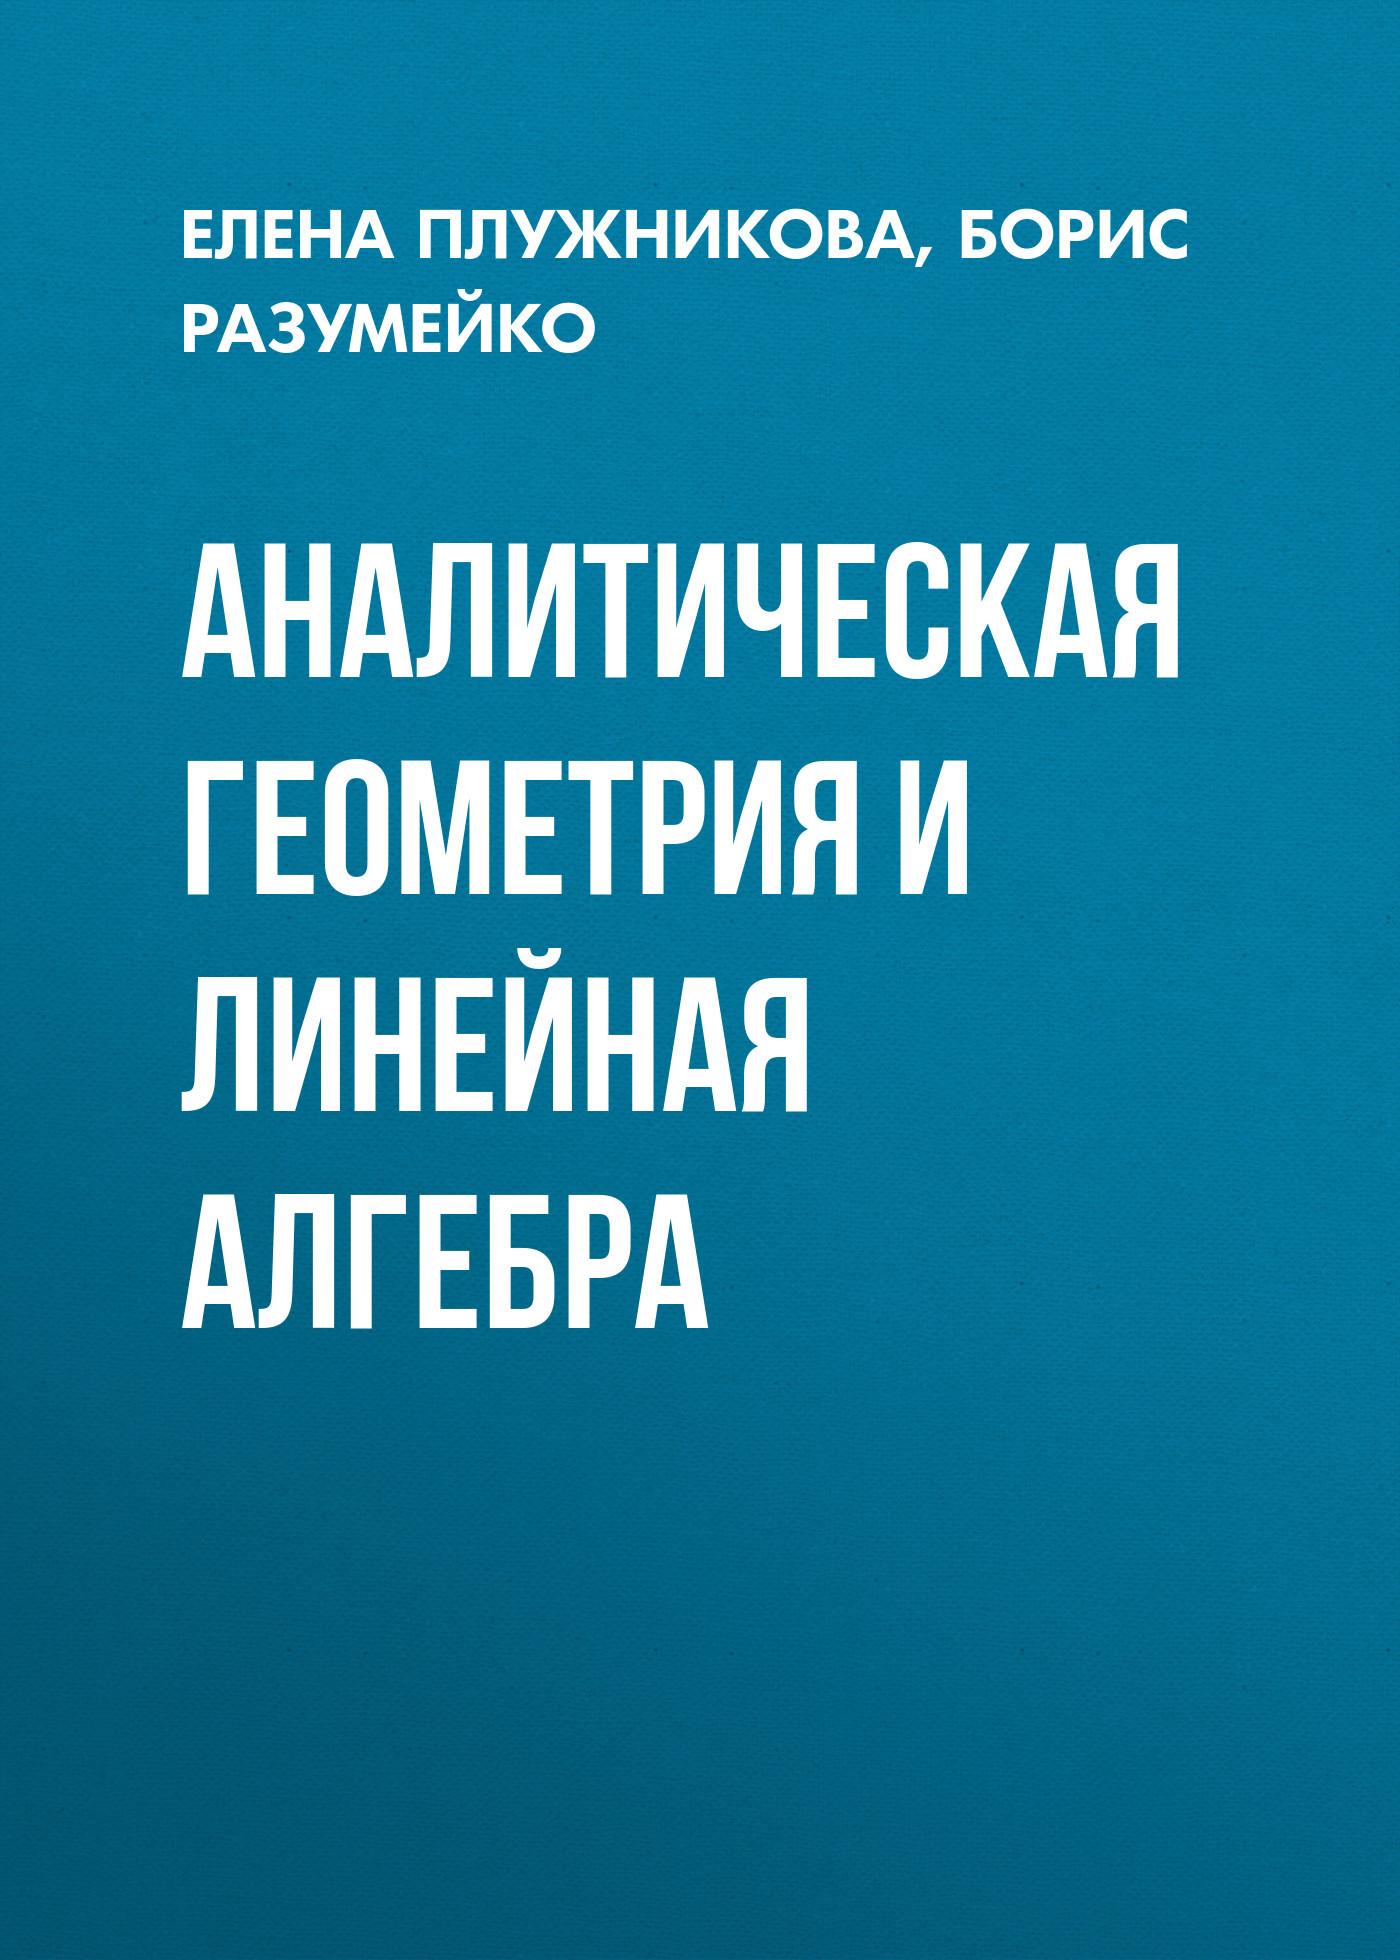 Е. Л. Плужникова Аналитическая геометрия и линейная алгебра п прилуцкая линейная алгебра аналитическая геометрия